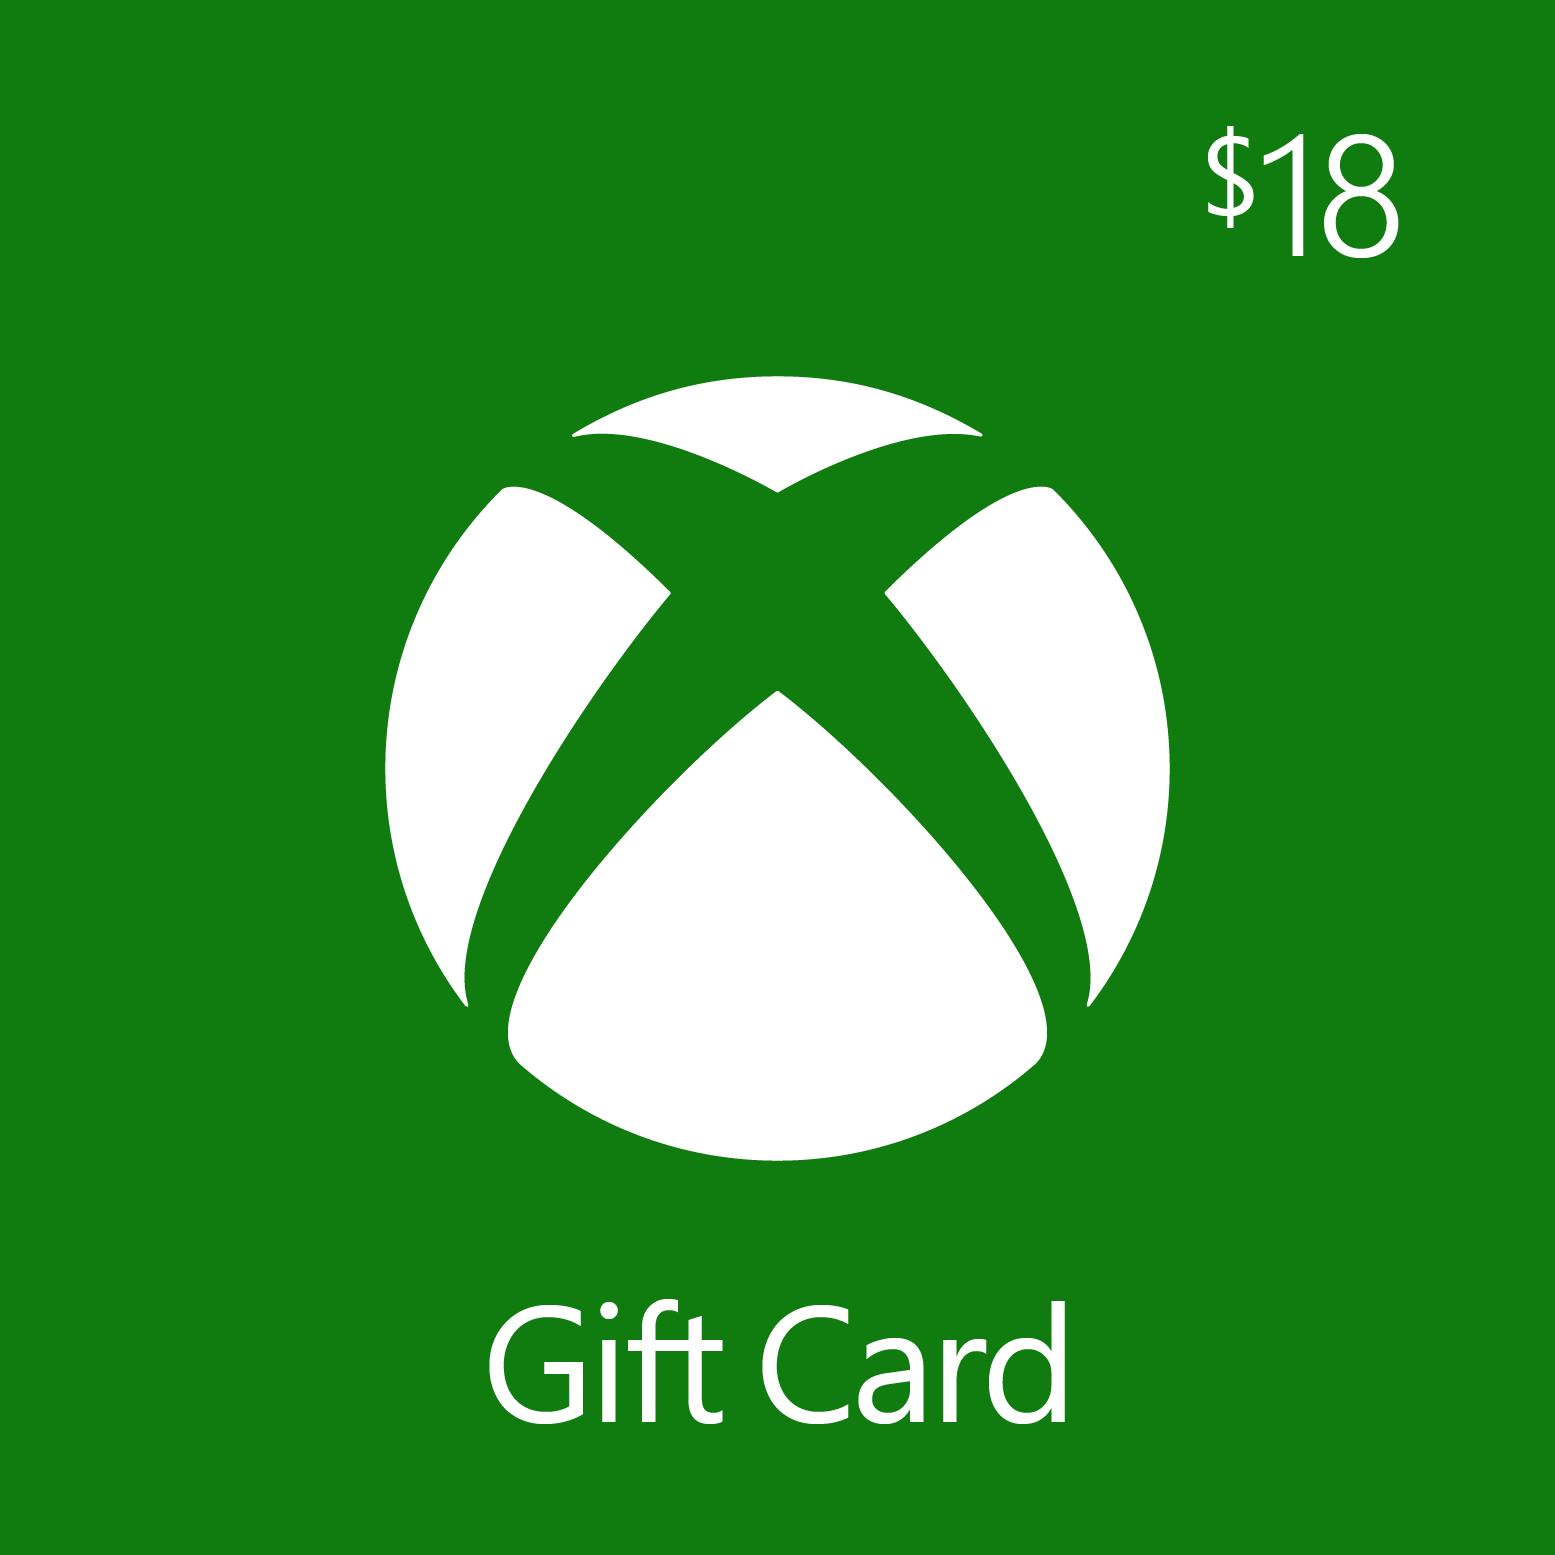 $18.00 Xbox Digital Gift Card